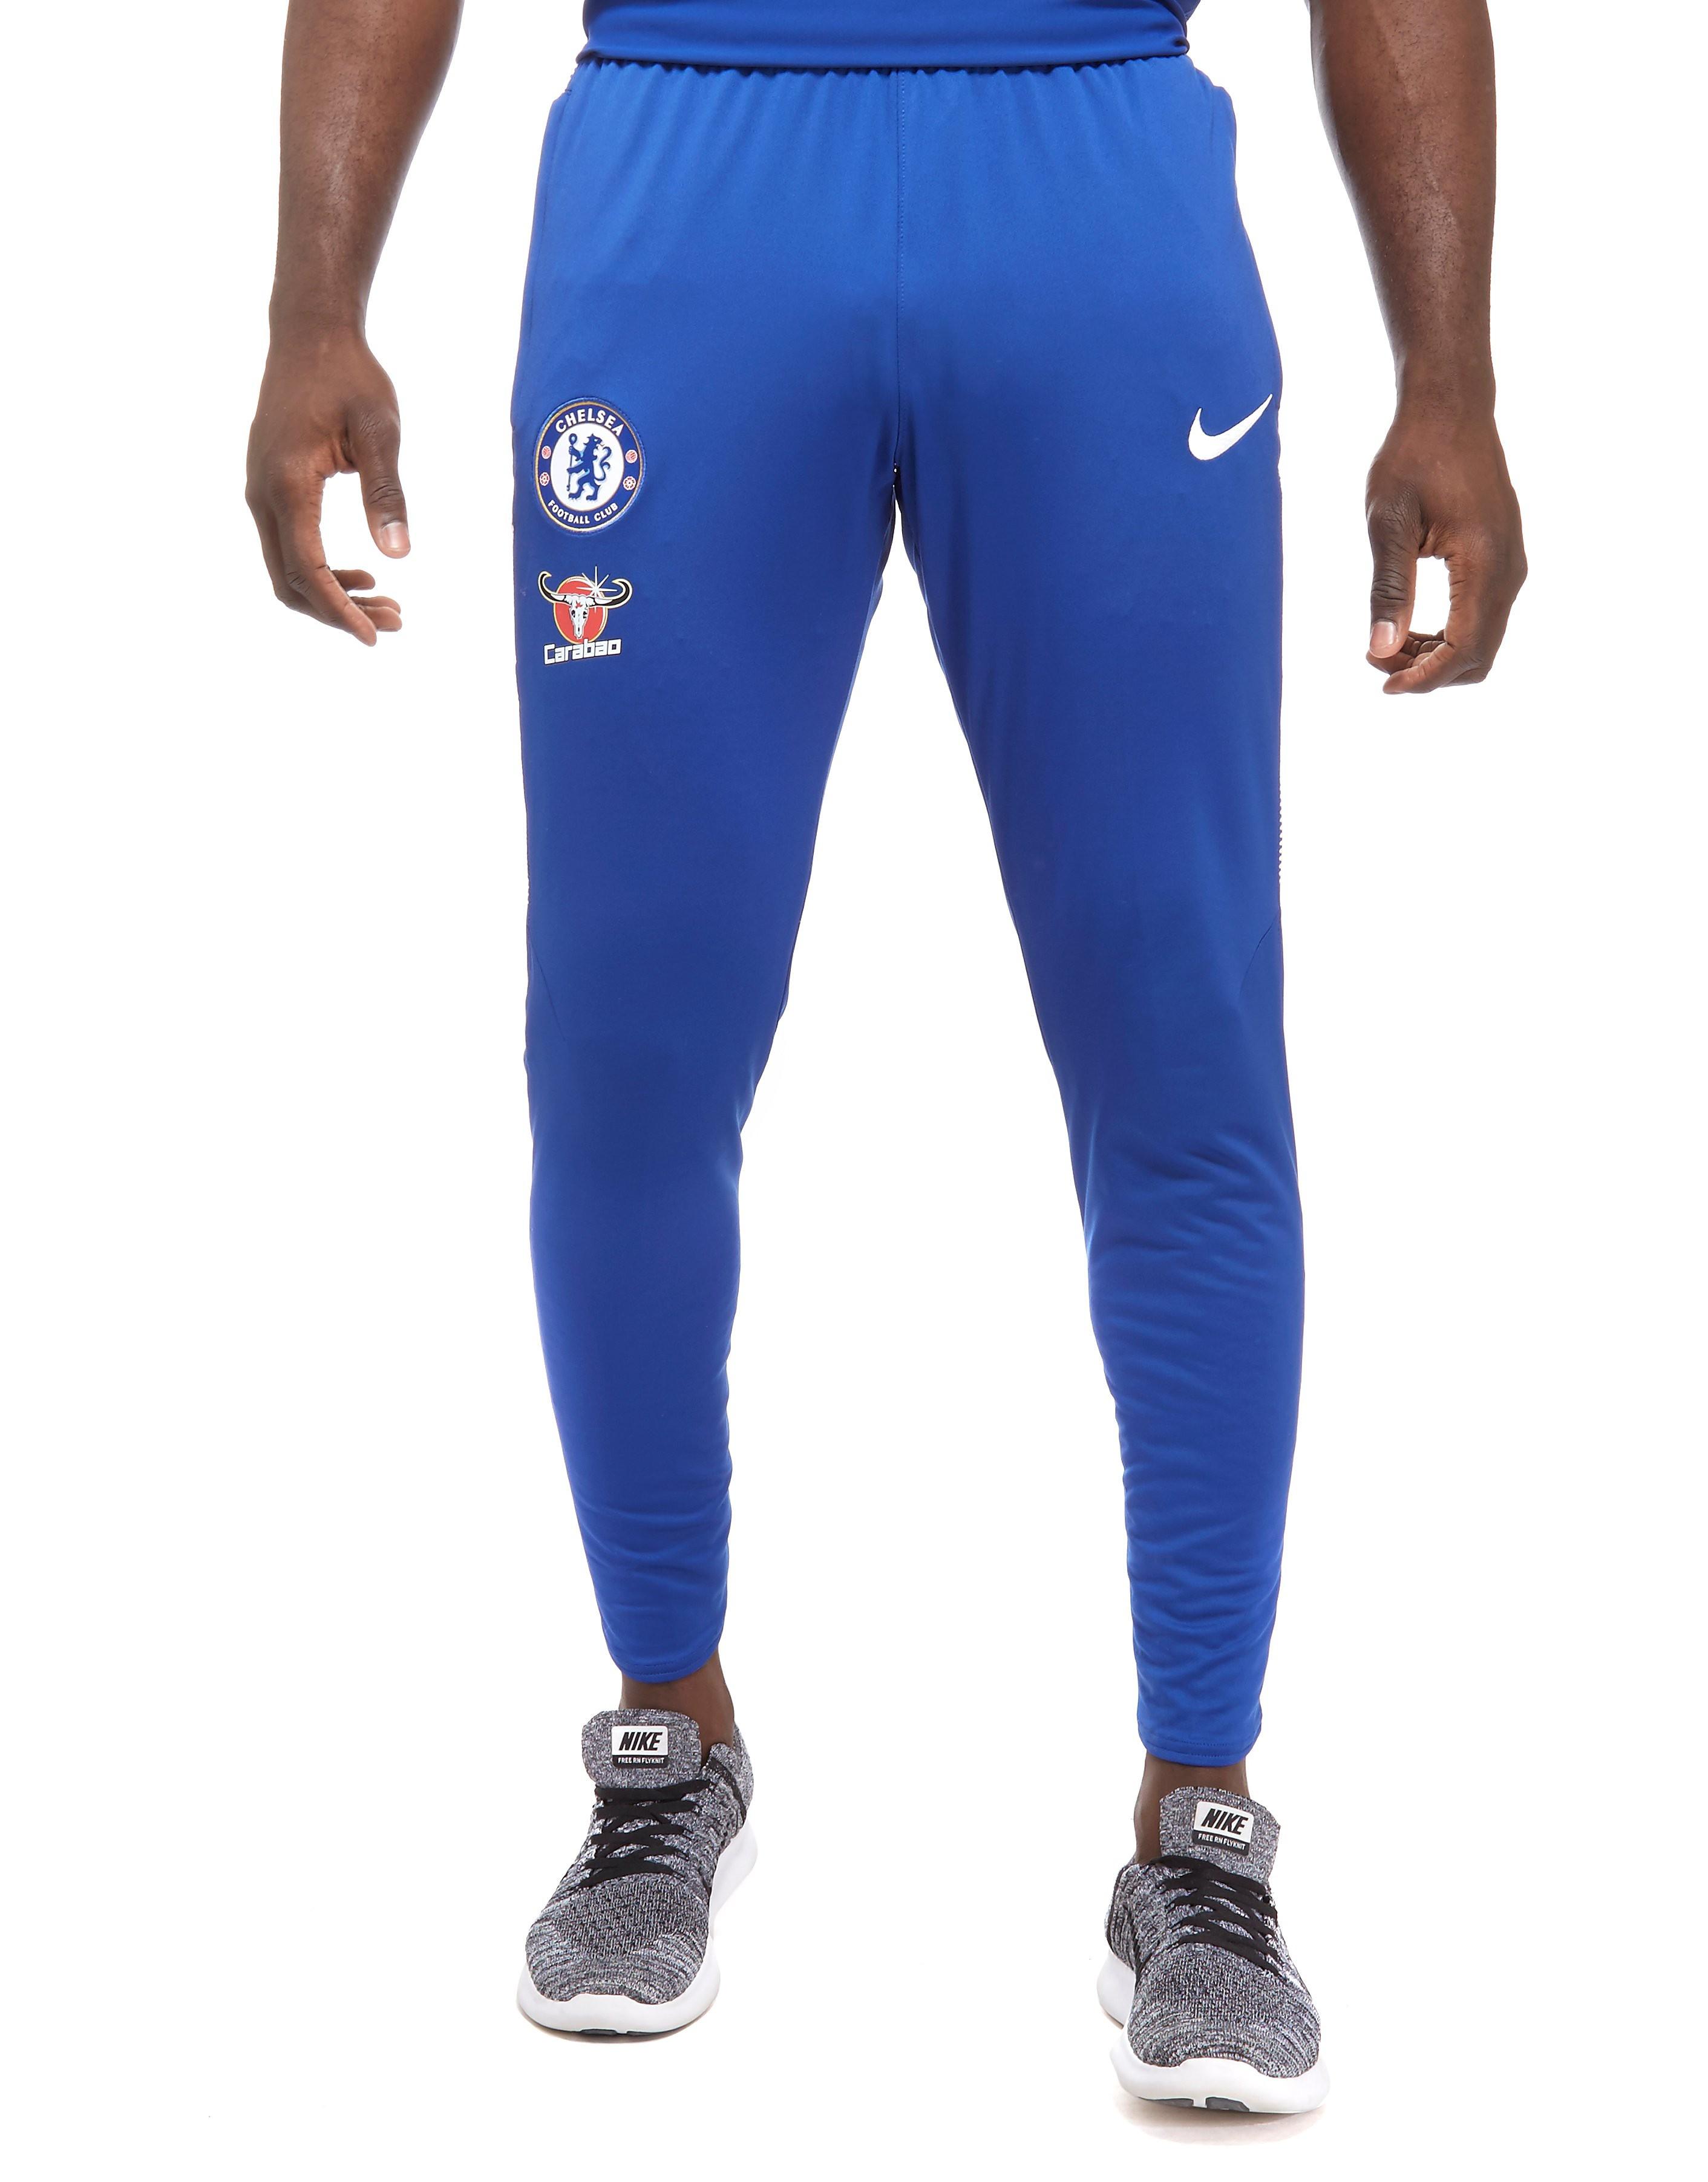 Nike Pantalon Chelsea FC 2017 Homme